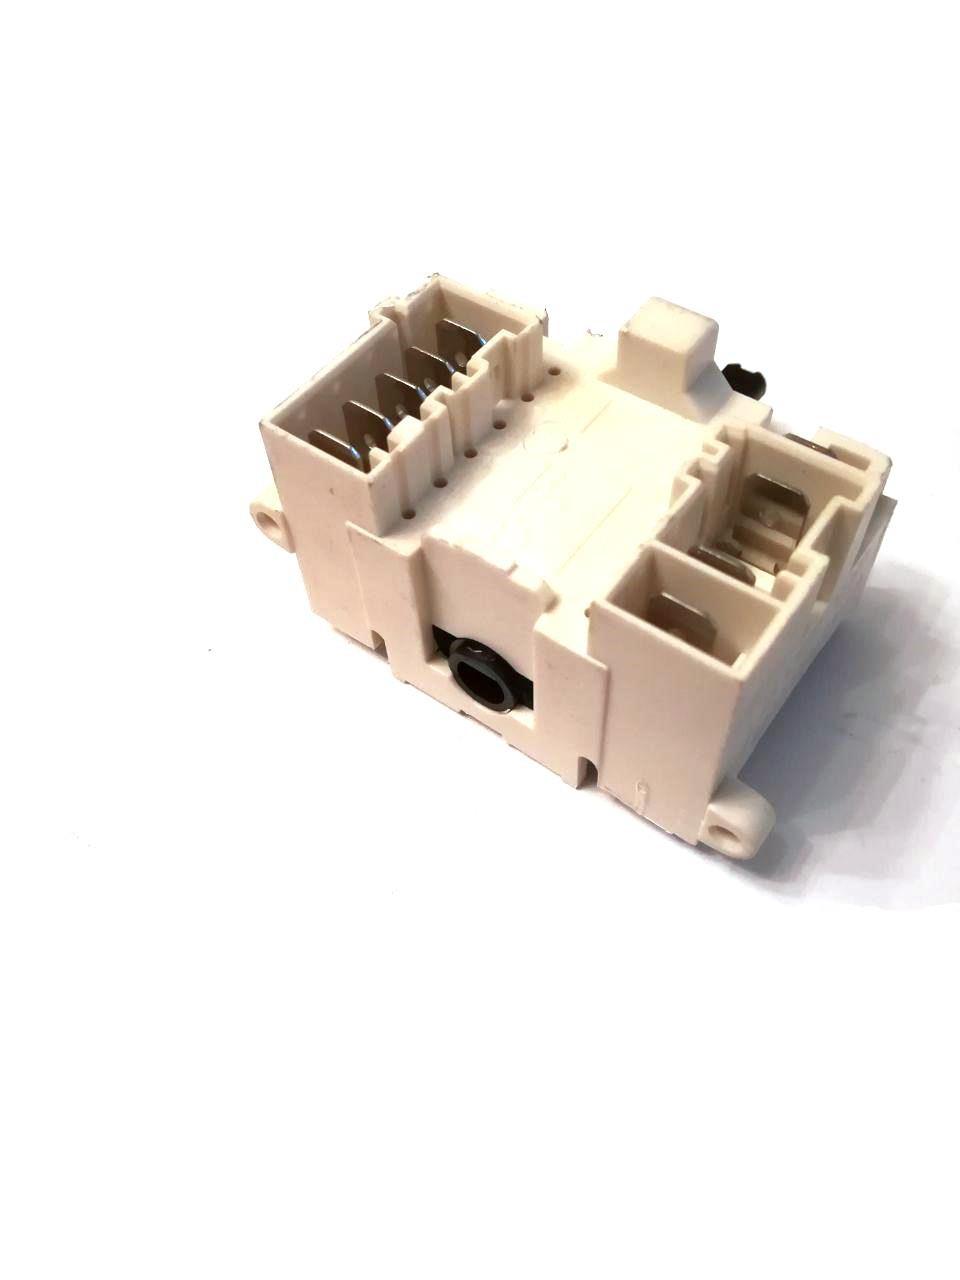 Переключатель 7-ми позиционный 41.41723.034 для электроплит, электродуховок EGO / Германия